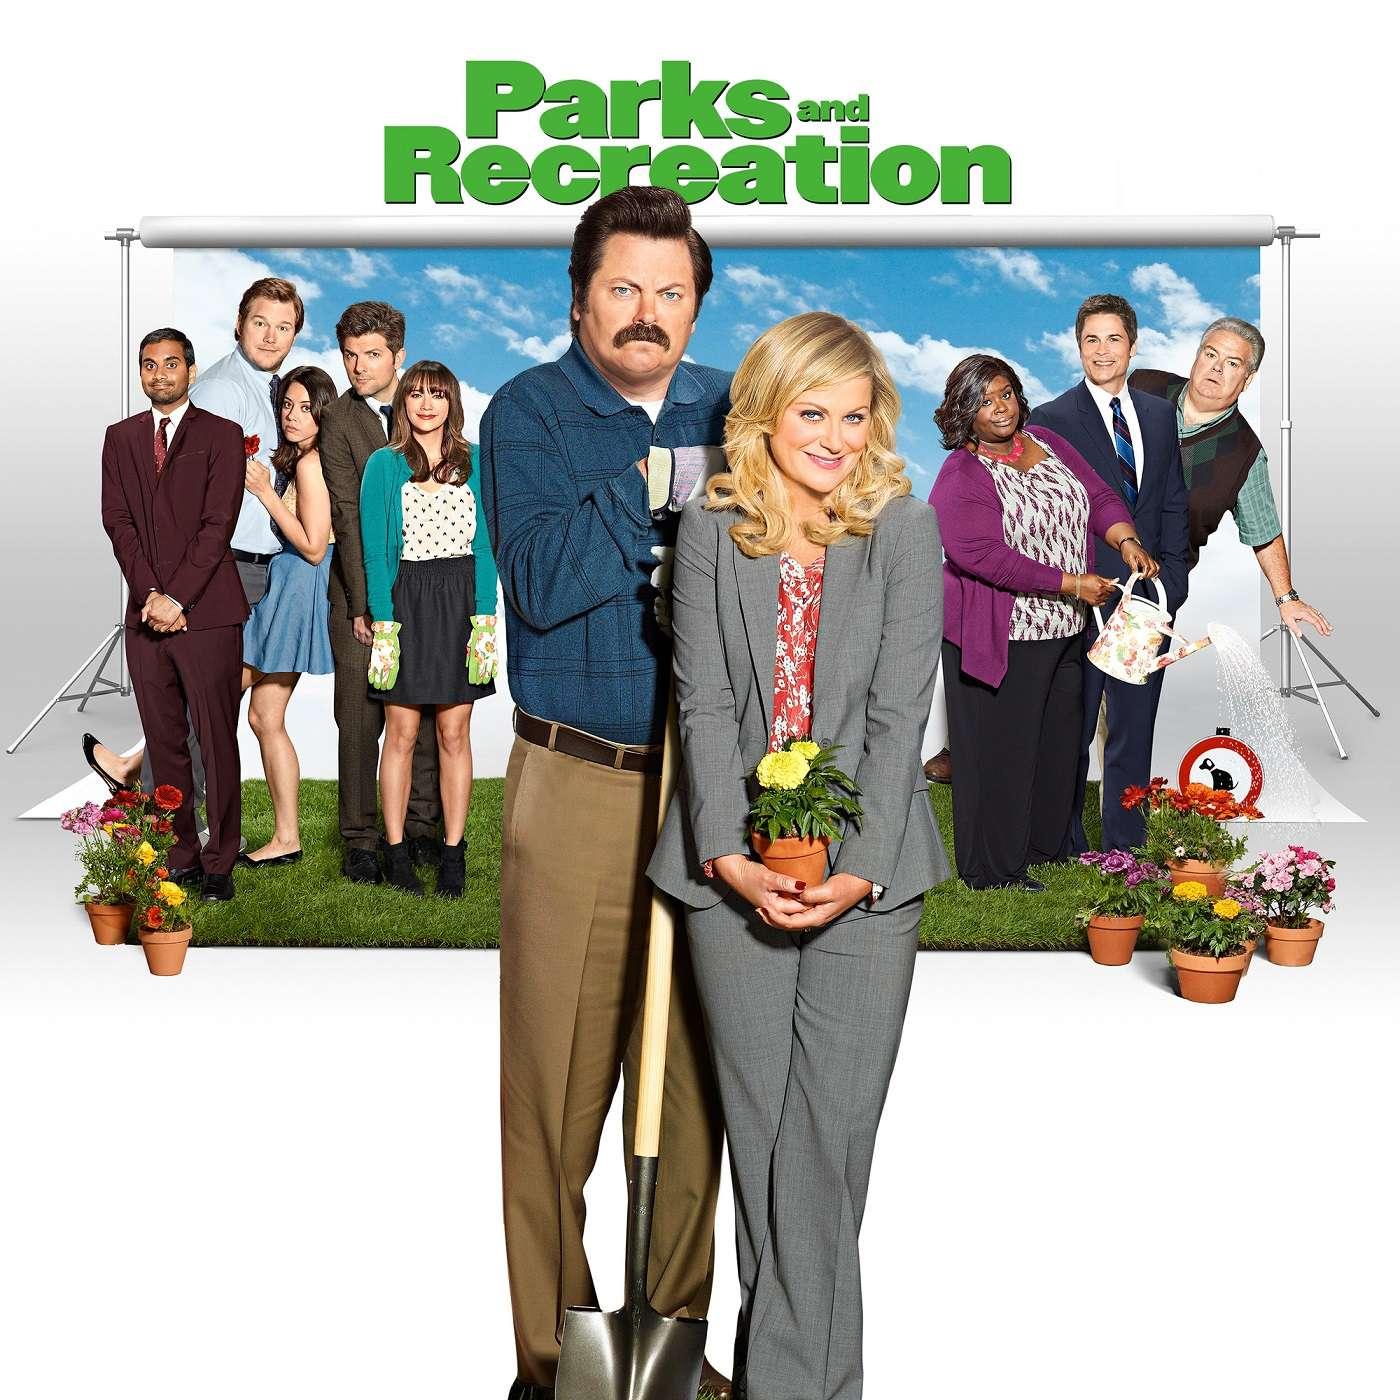 Parks and Recreation S 1-2-3-4-5-6-7 | S07E12-E13 720p